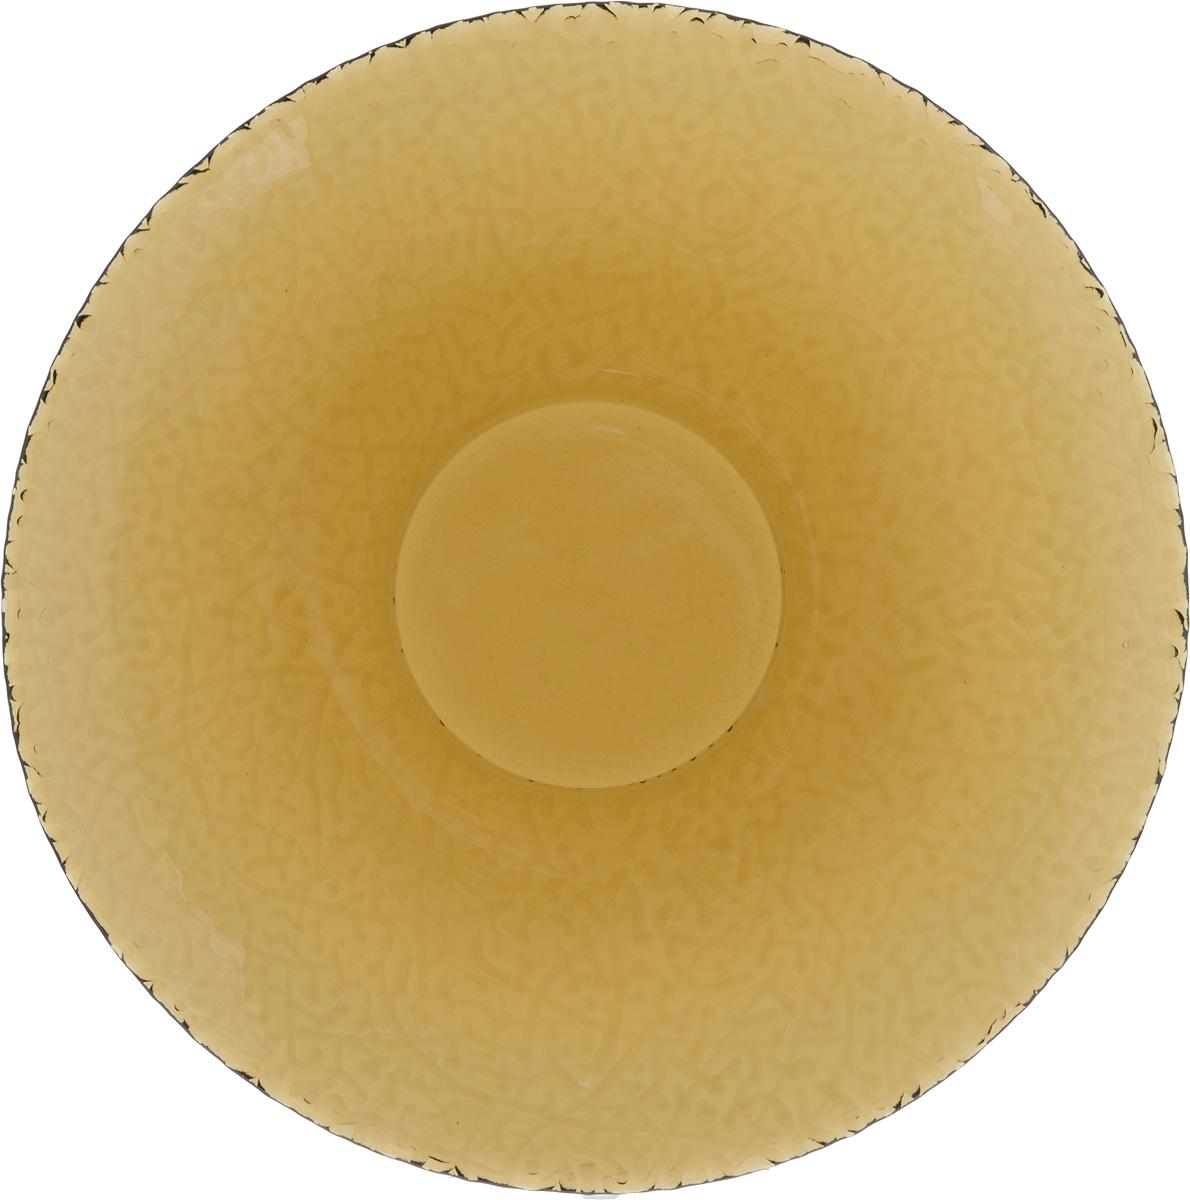 Тарелка NiNaGlass Ажур, цвет: дымчатый, диаметр 26 см83-071-Ф260 дымТарелка NiNaGlass Ажур выполнена из высококачественного стекла и имеет рельефную внешнюю поверхность. Она прекрасно впишется в интерьер вашей кухни и станет достойным дополнением к кухонному инвентарю. Тарелка NiNaGlass Ажур подчеркнет прекрасный вкус хозяйки и станет отличным подарком. Диаметр тарелки: 26 см. Высота: 3 см.